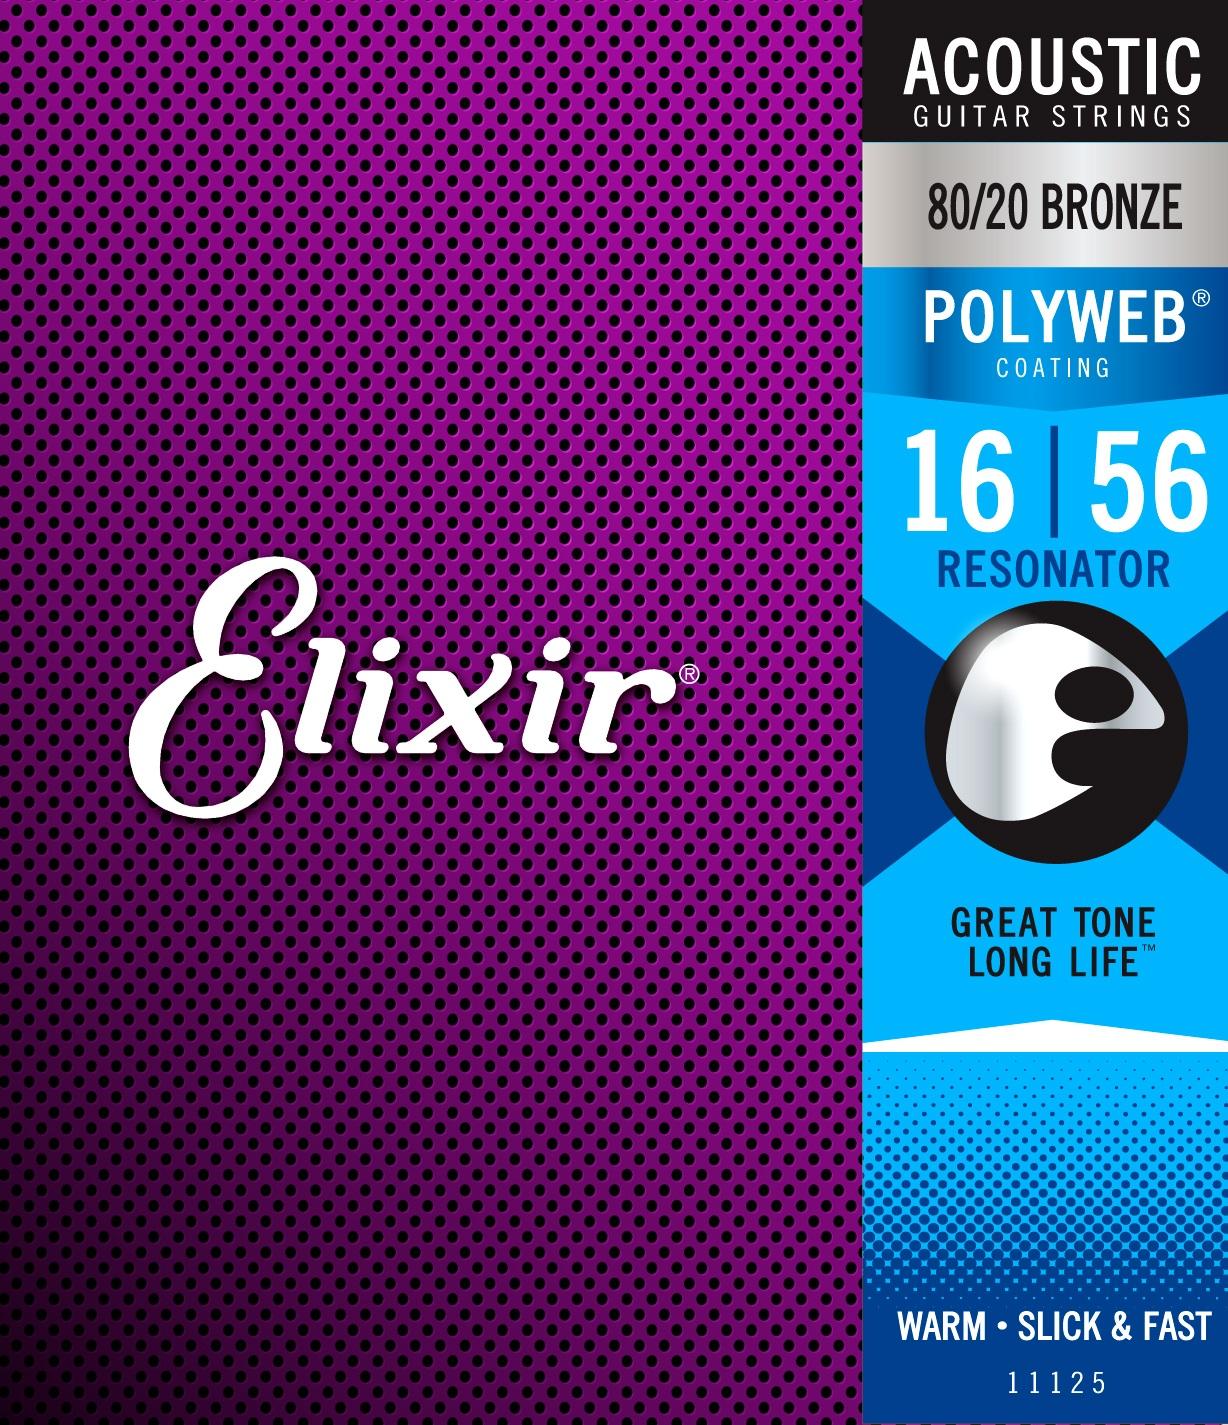 Elixir Polyweb 80/20 Bronze Resonator